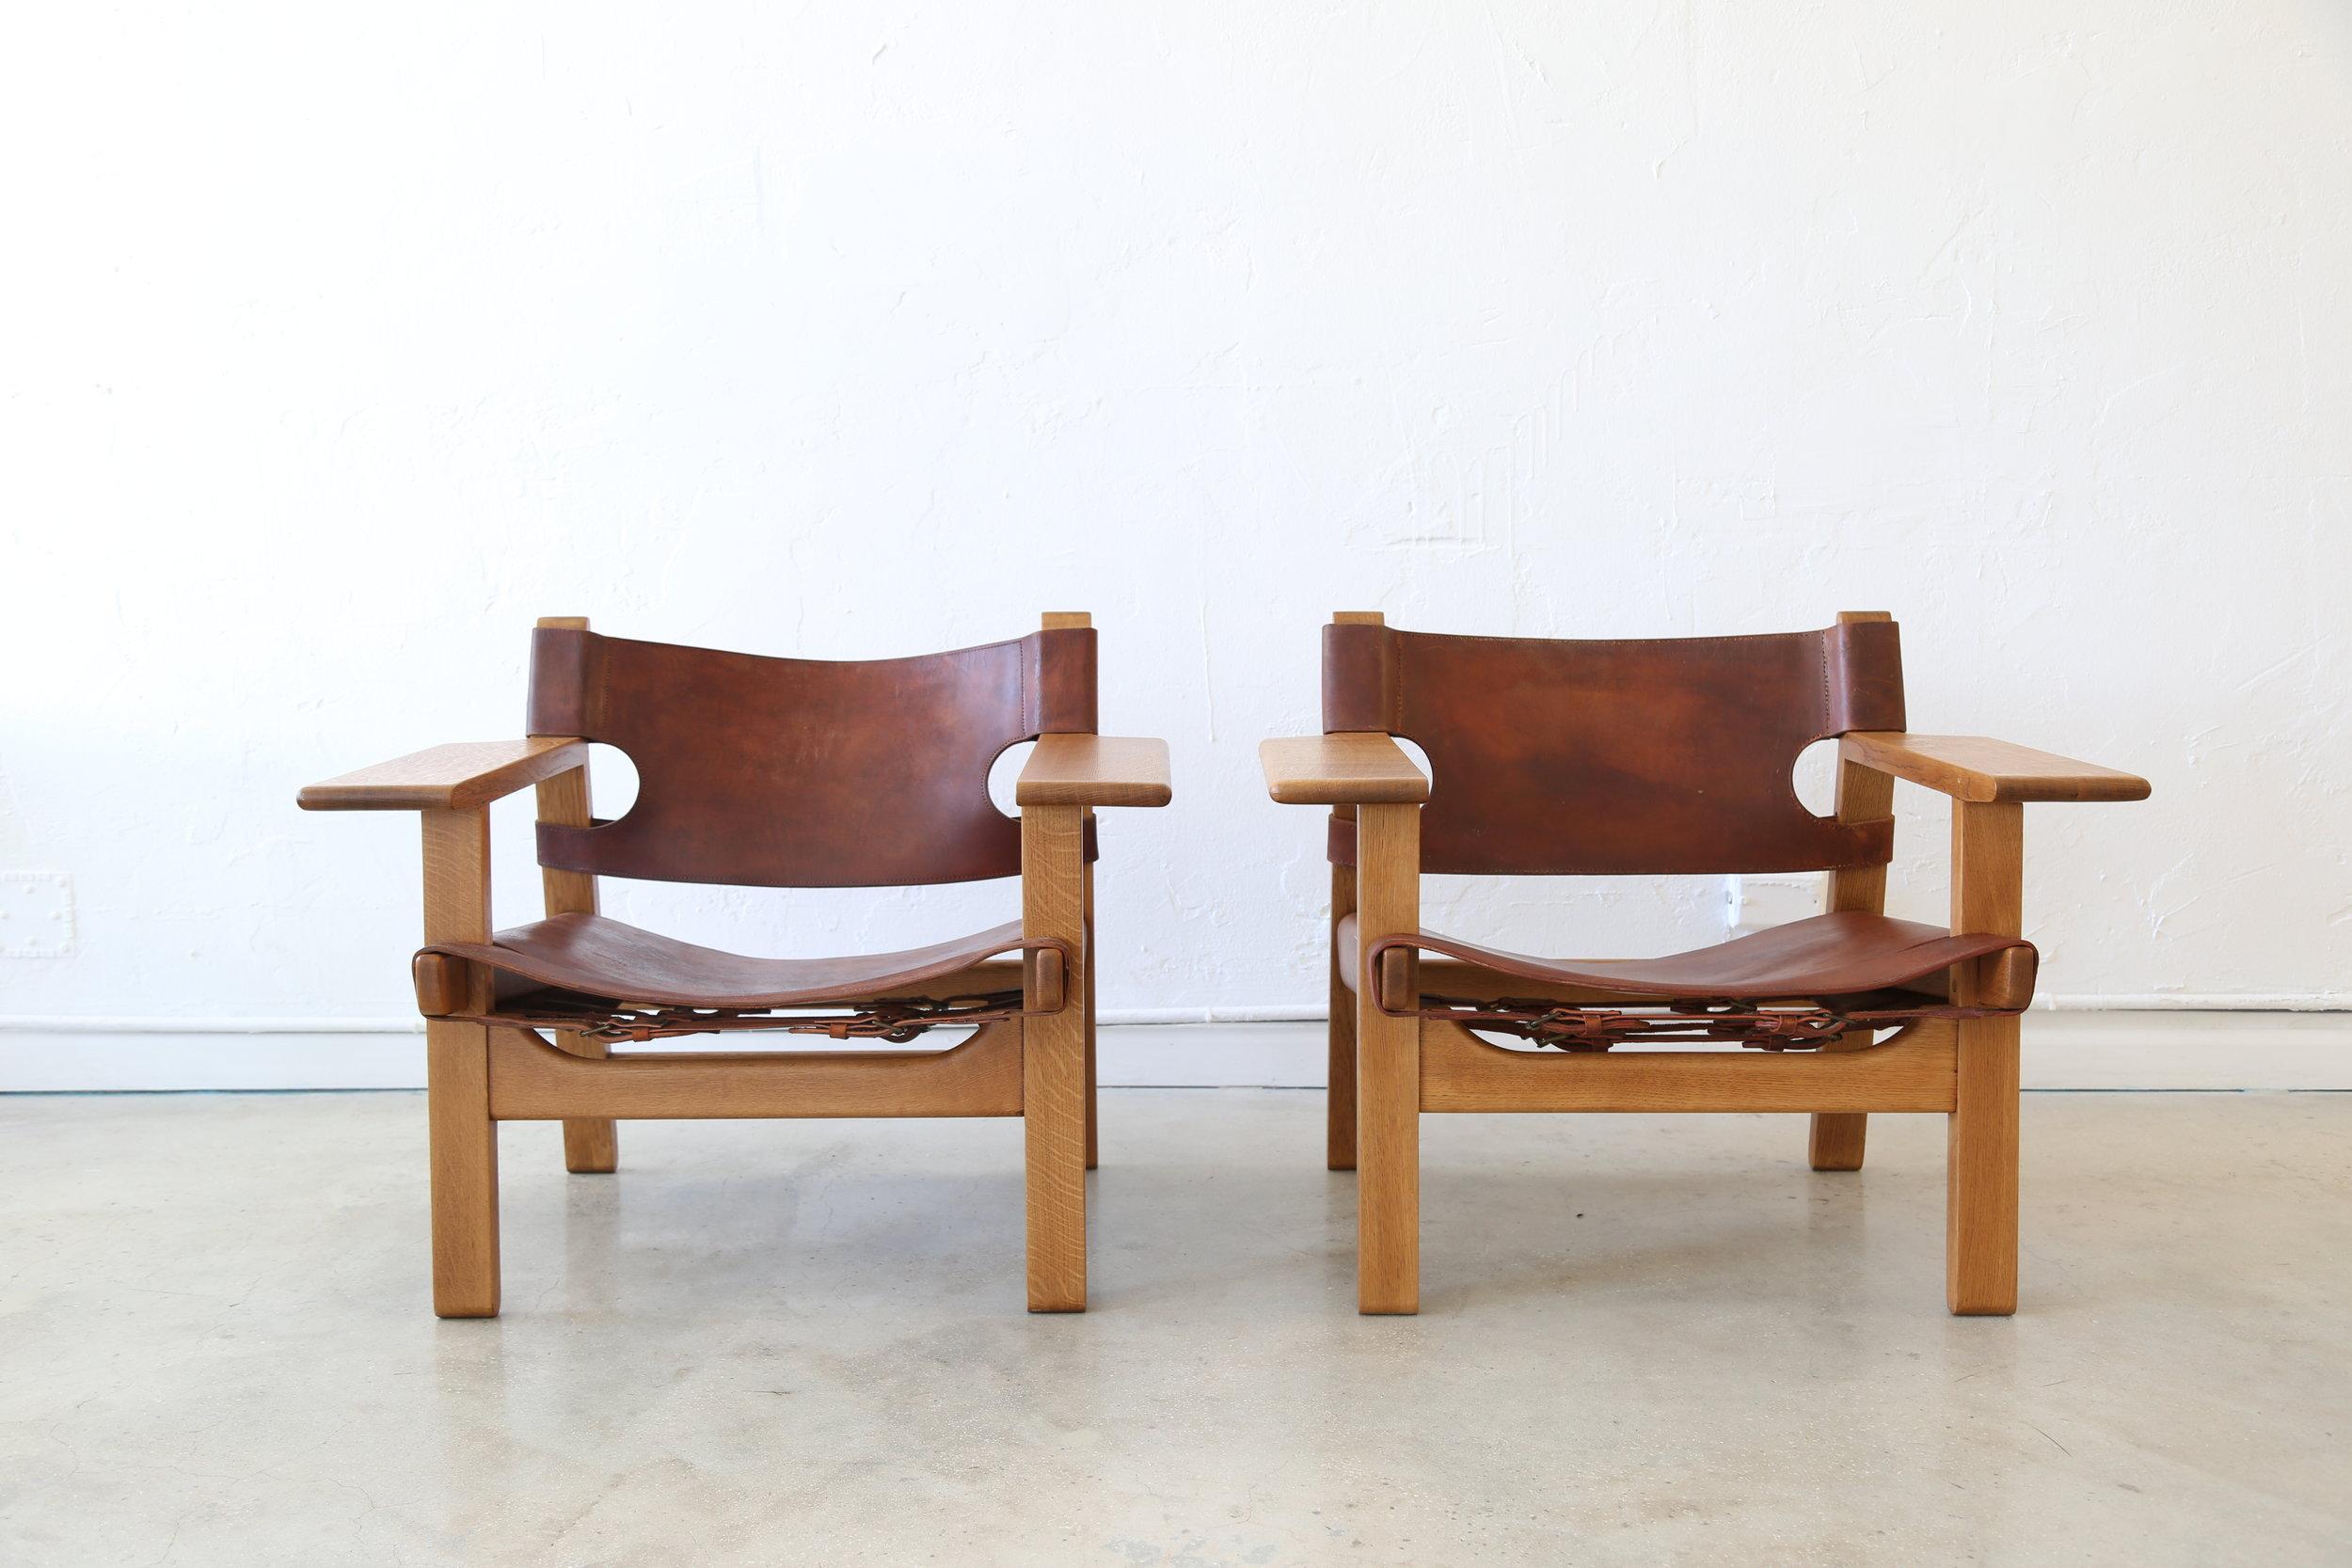 Spanish Chairs by Børge Mogensen, 1958